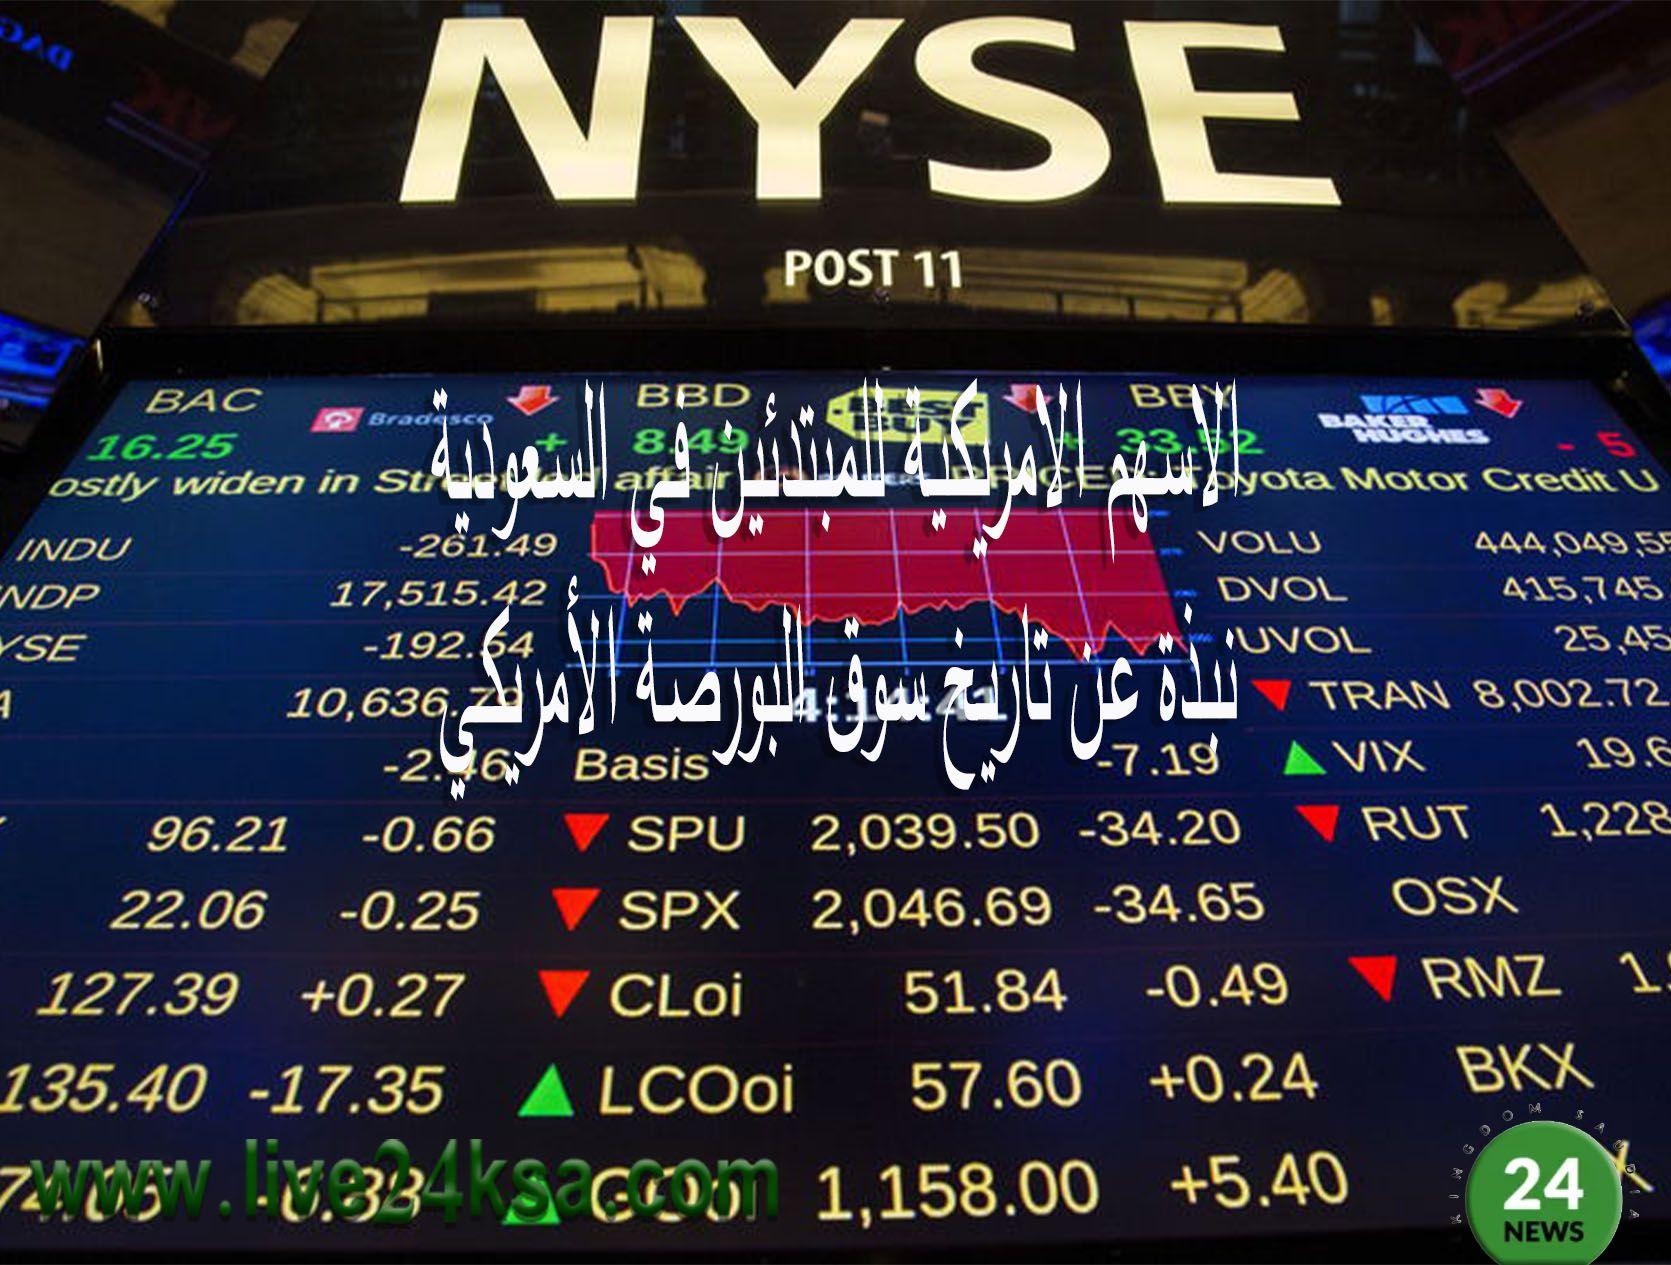 الاسهم الامريكية للمبتدئين في السعودية نبذة عن تاريخ سوق البورصة الأمريكي Post Osx Roberta